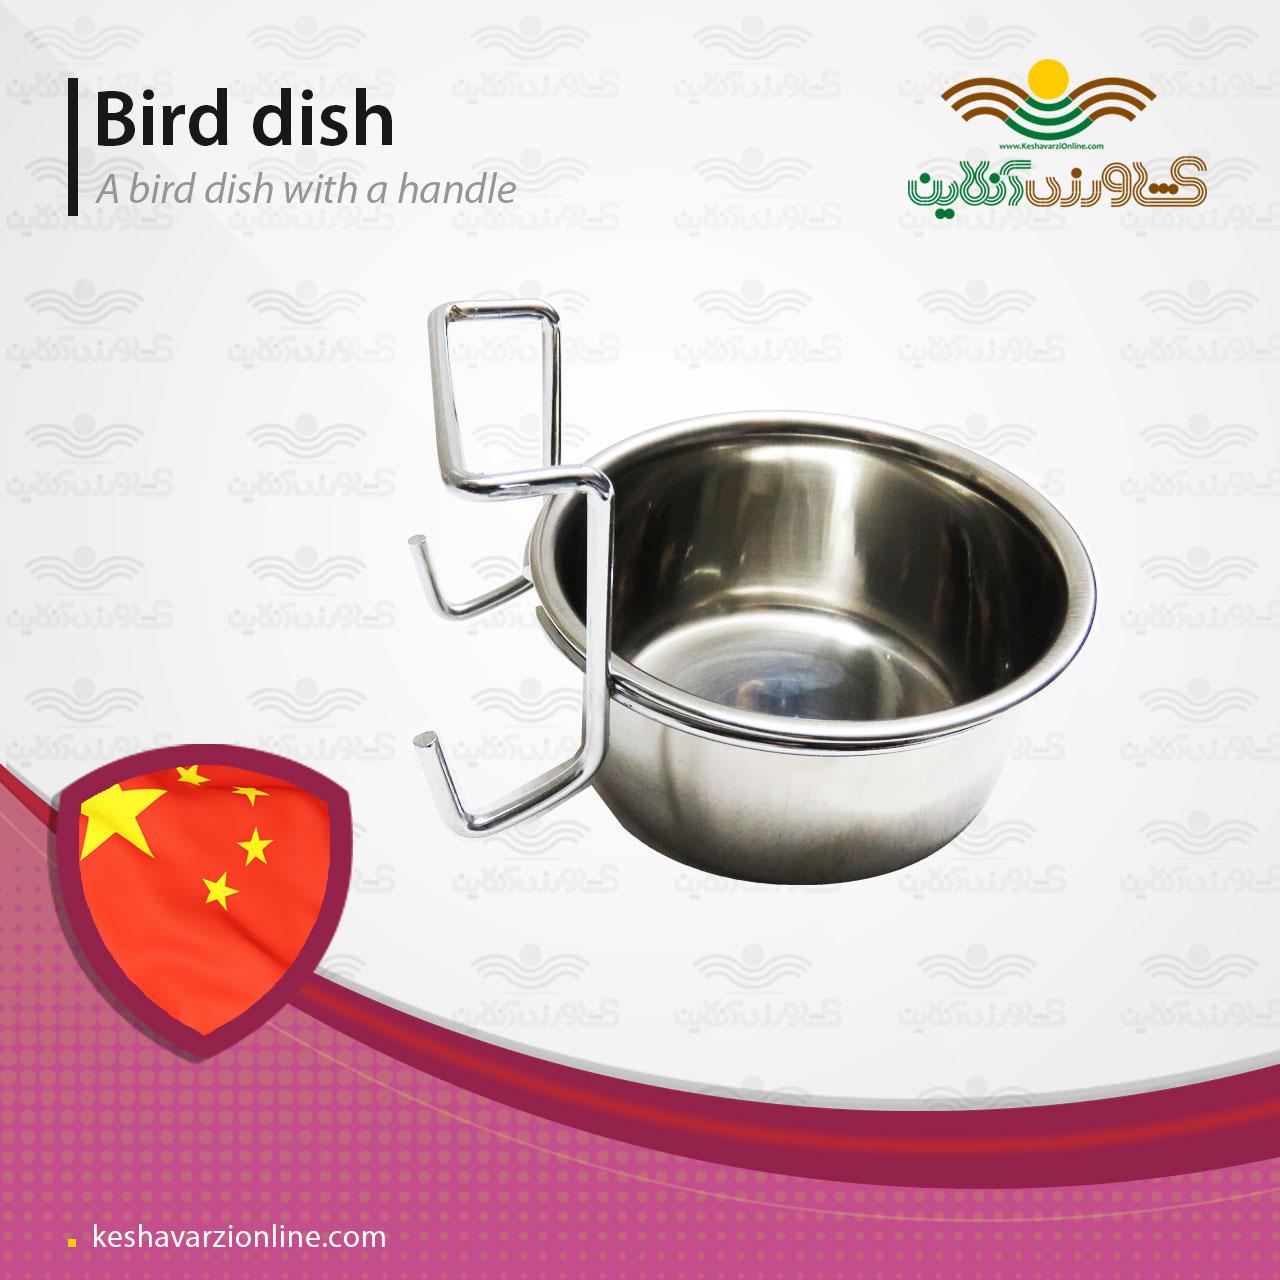 پت شاپ ظرف غذای پرنده با دستگیره